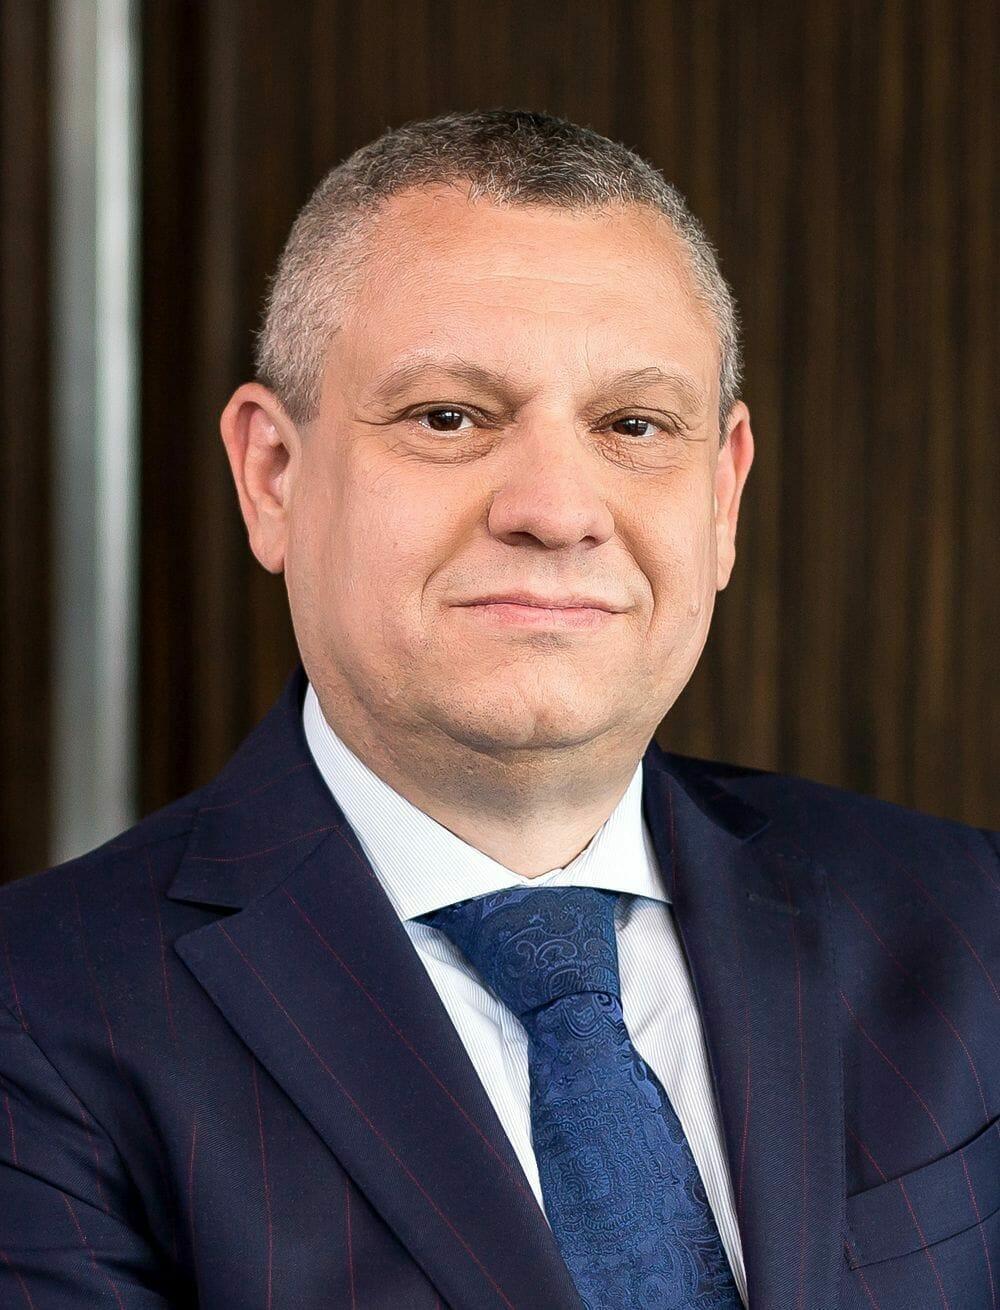 Noul director general al Crédit Agricole România este Theodor Cornel Stănescu